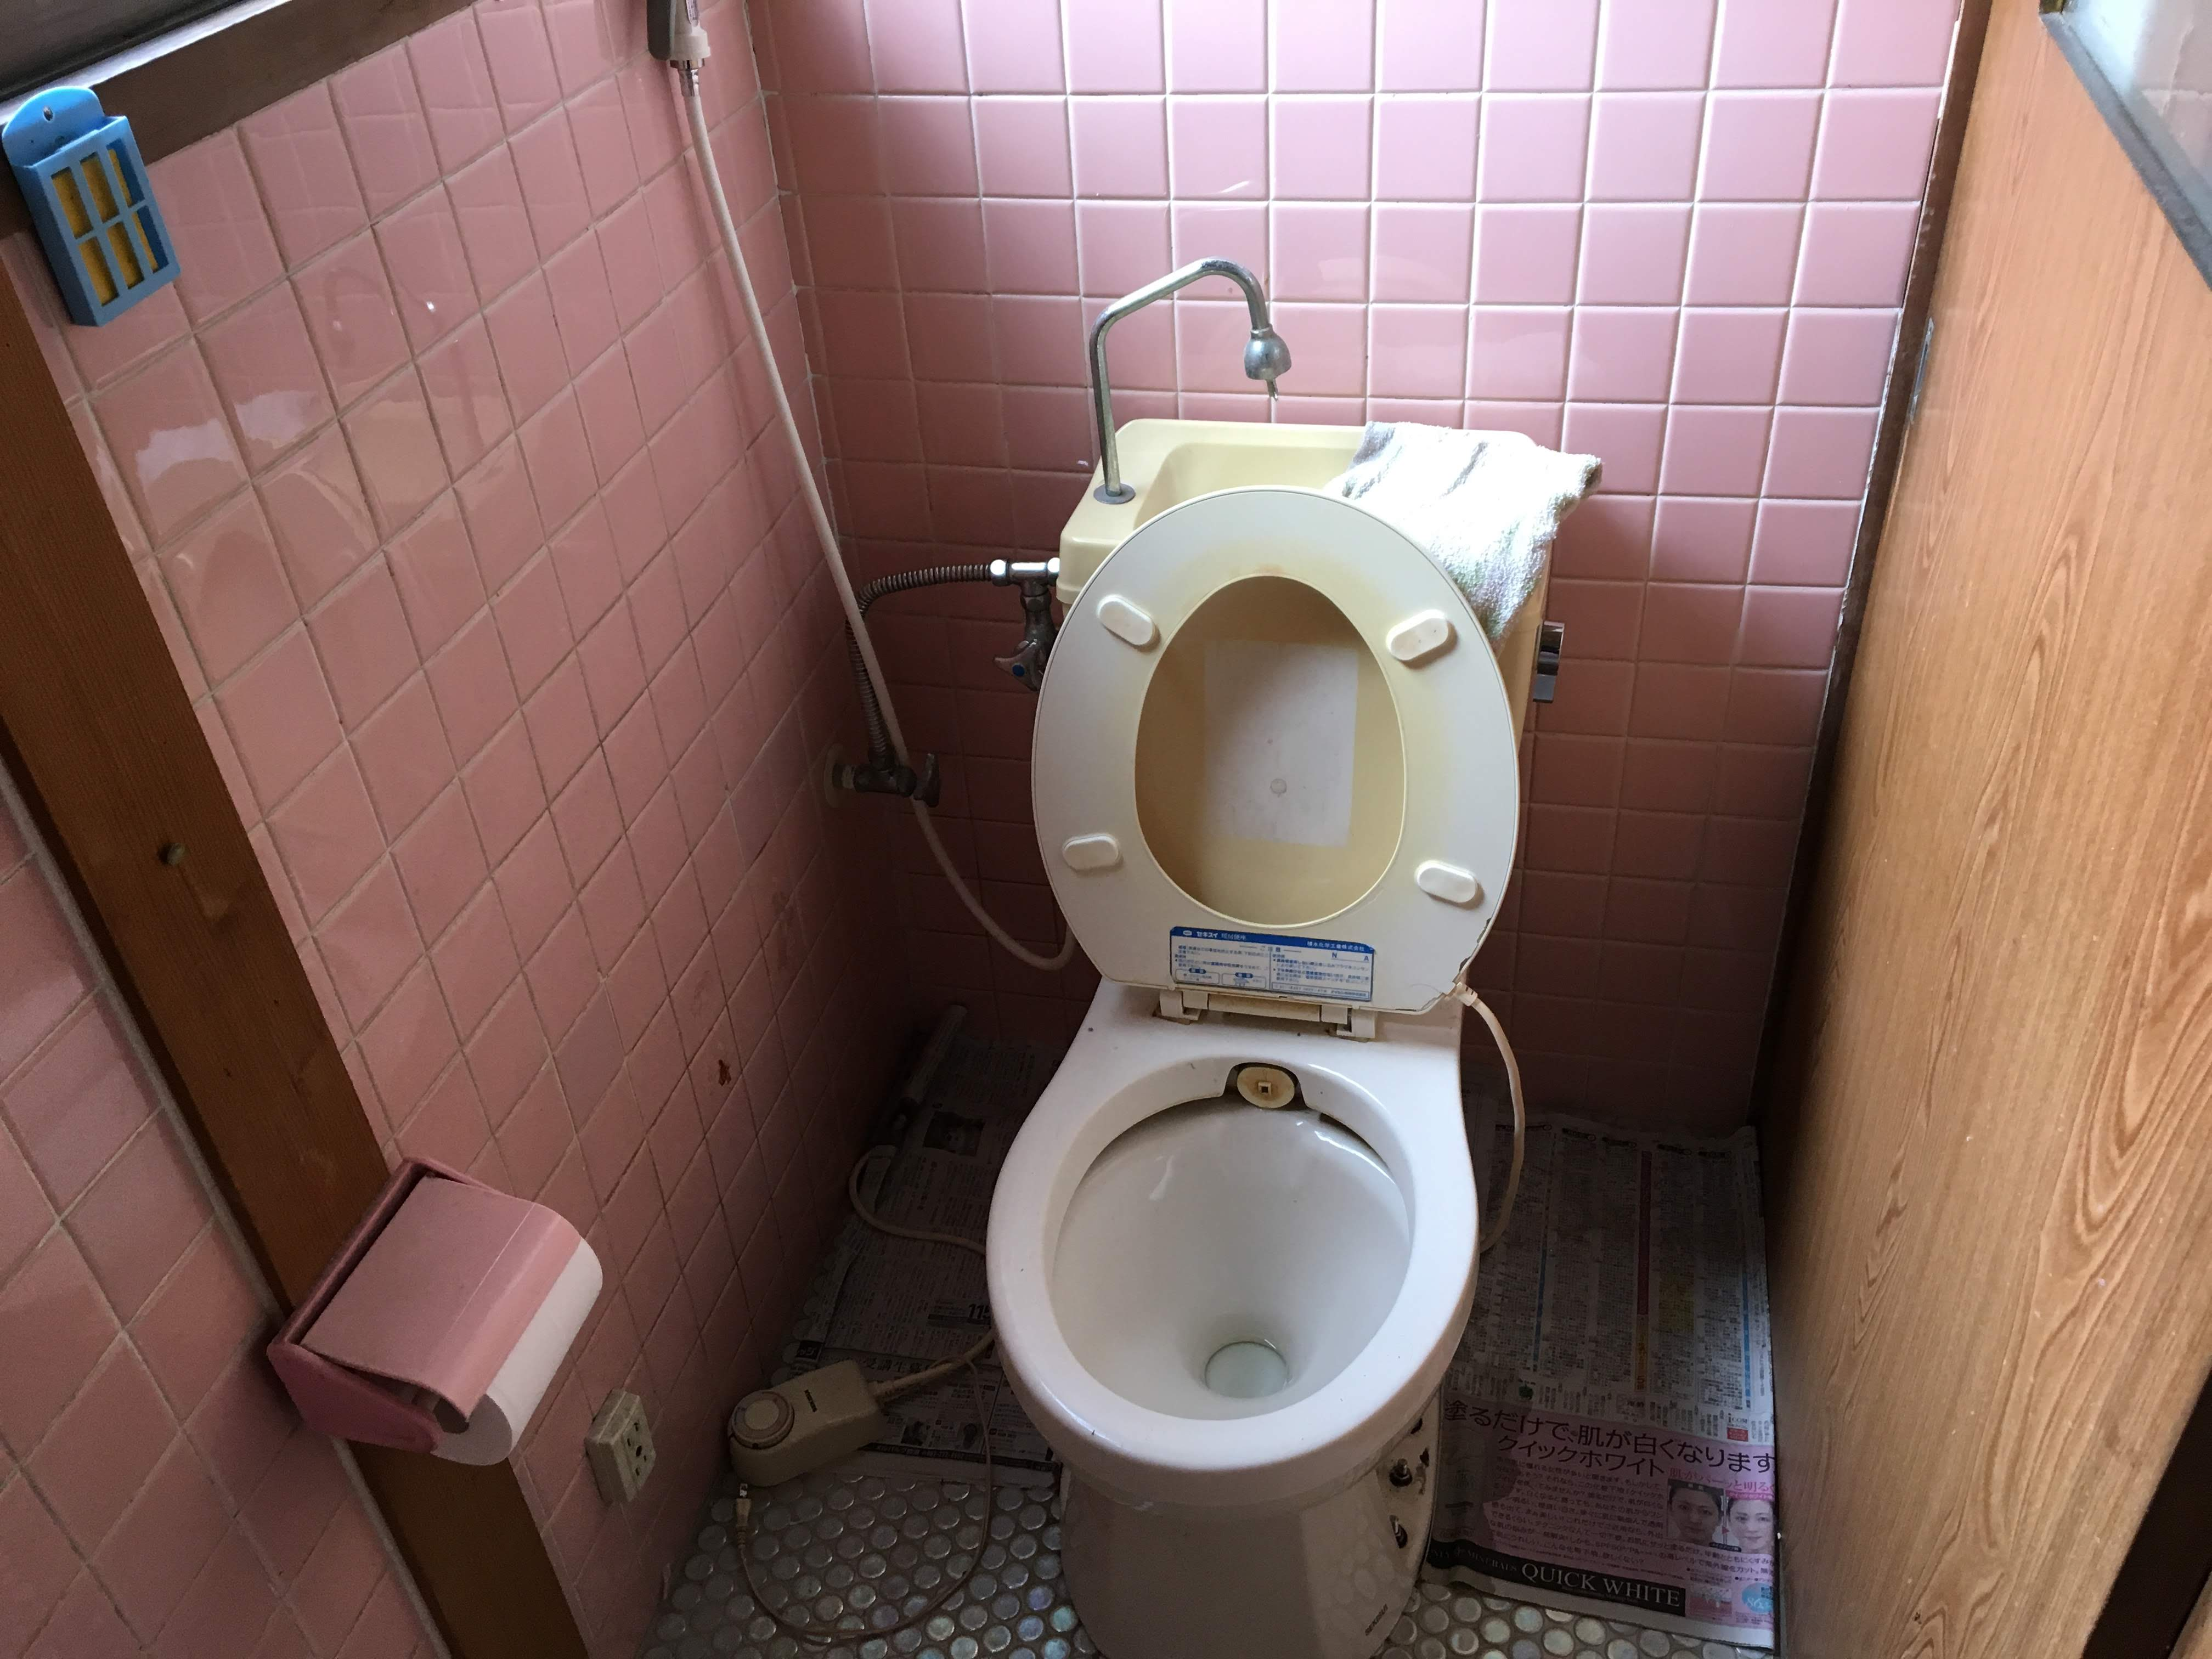 トイレは汲み取りトイレでした。 臭いなどとても困られておりました。